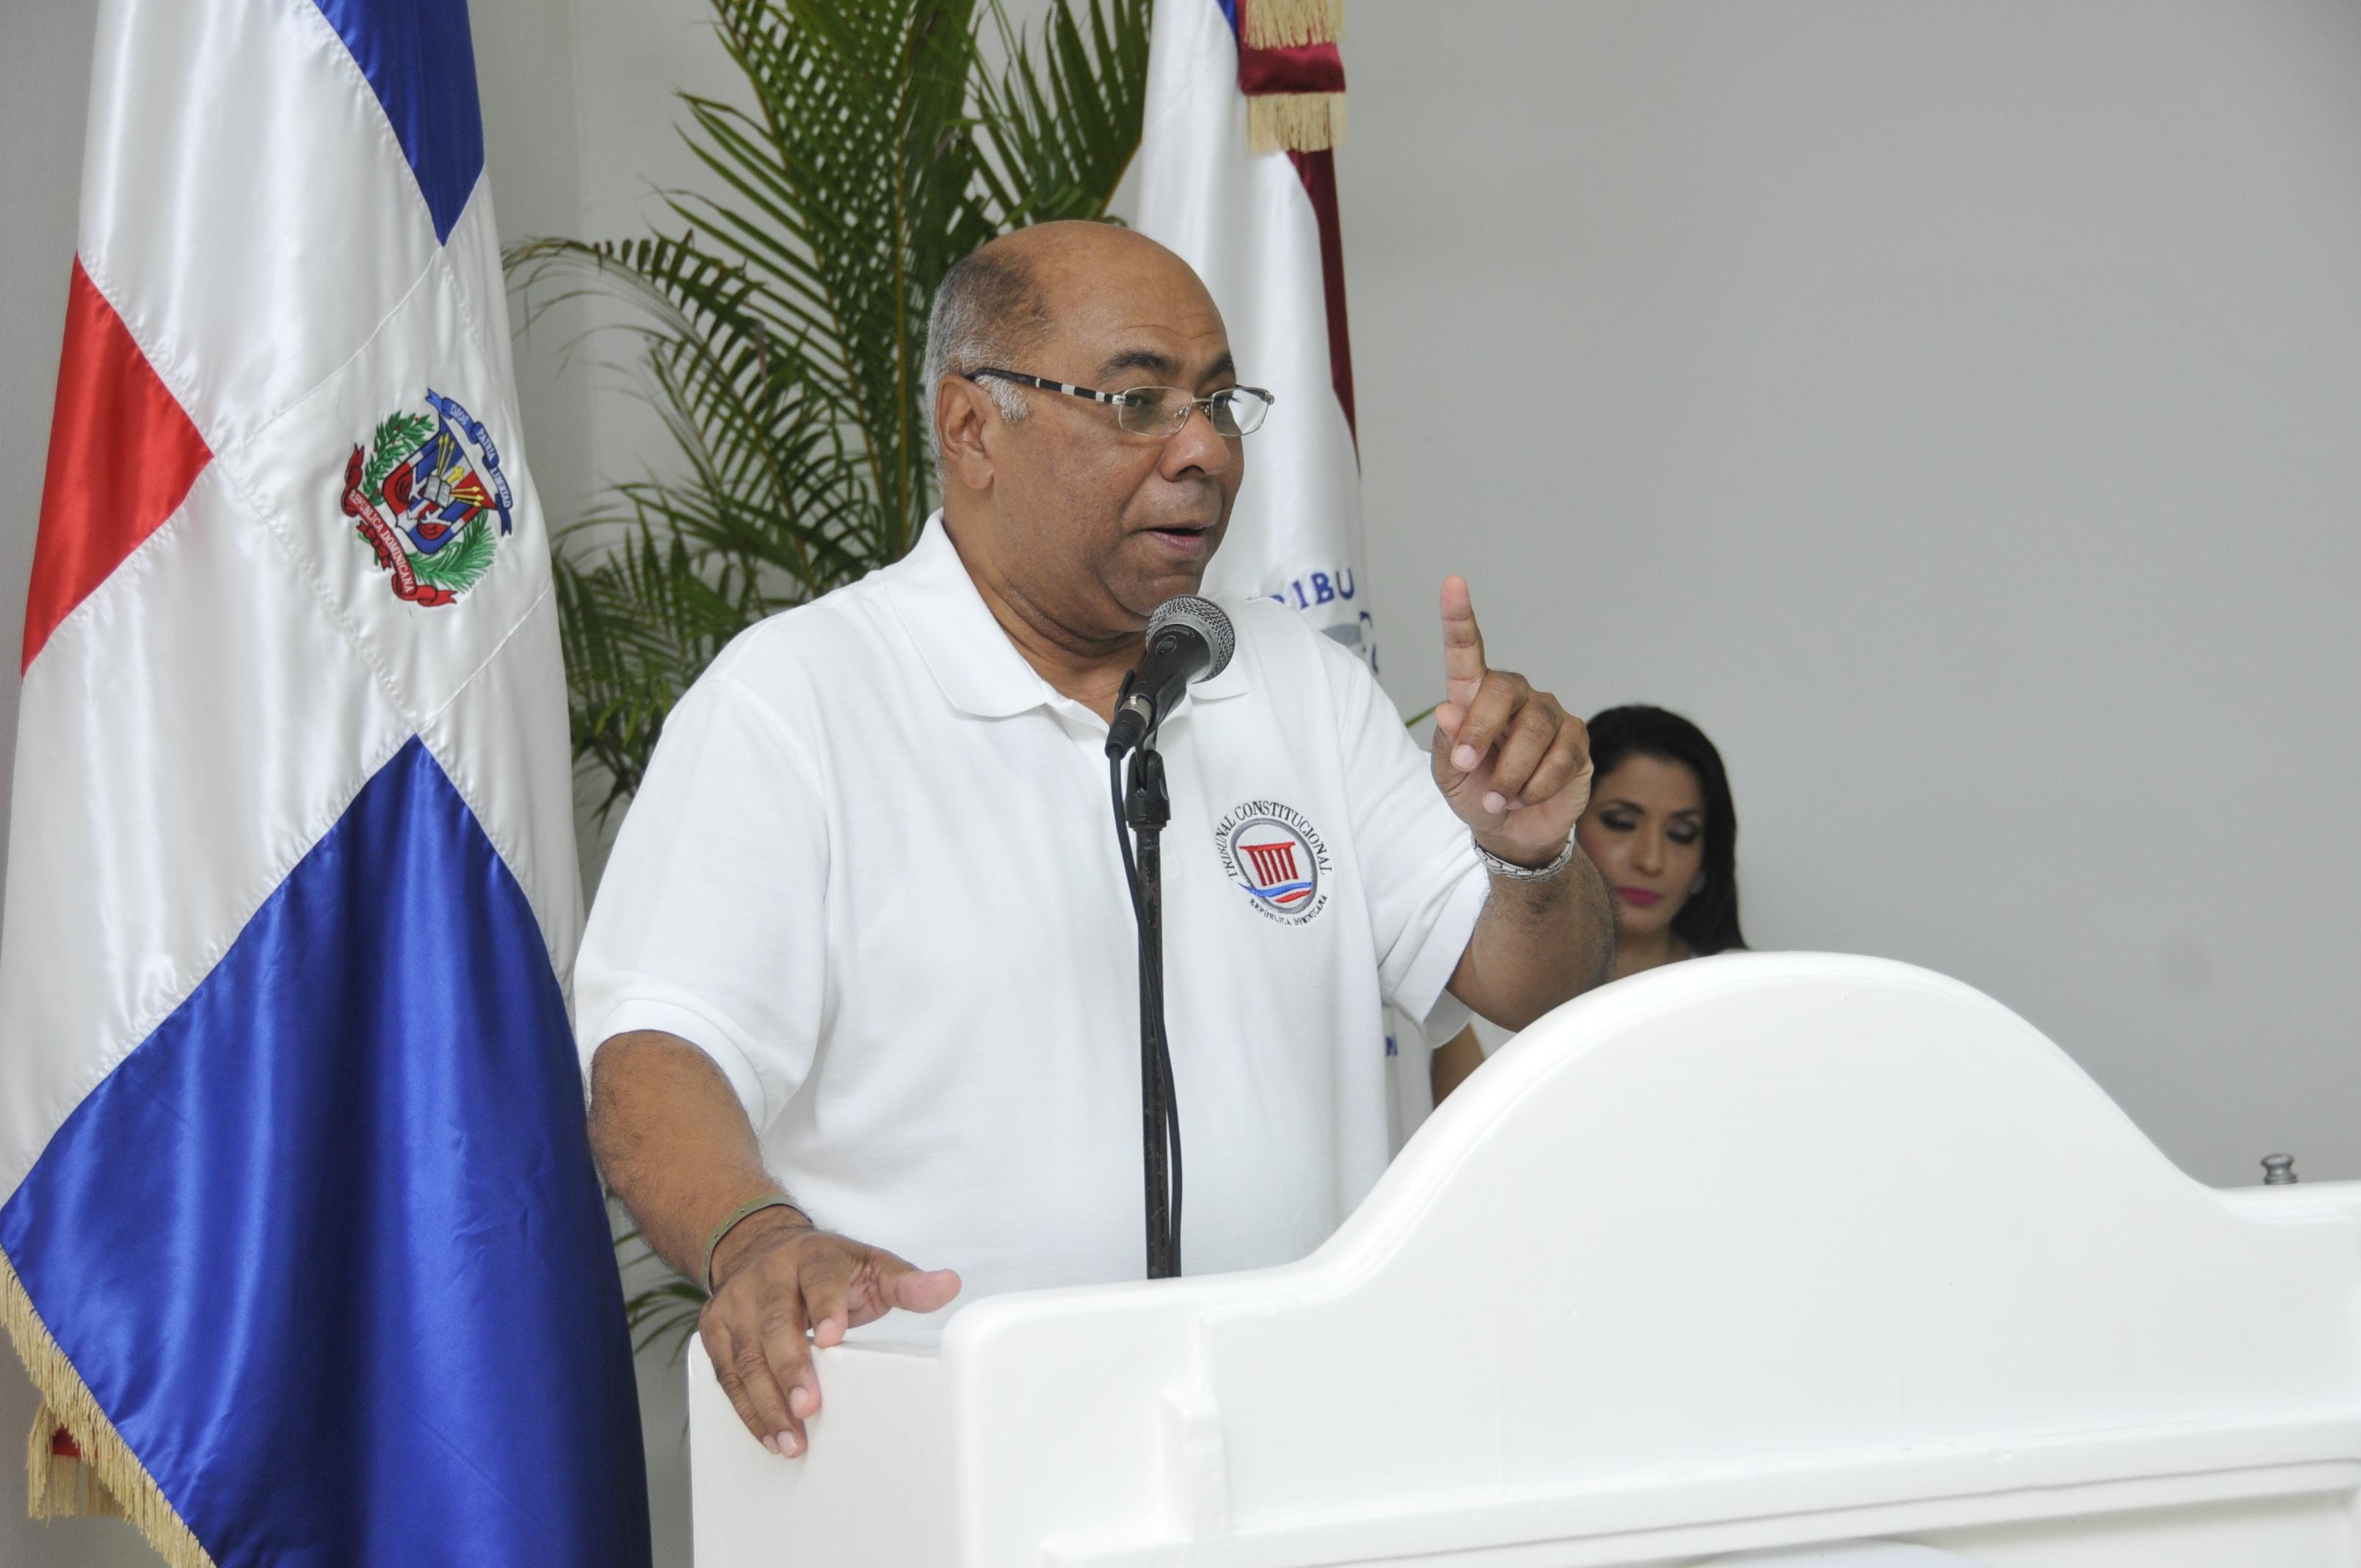 Presidente TC afirma con la bendición de Dios Tribunal saldrá adelante